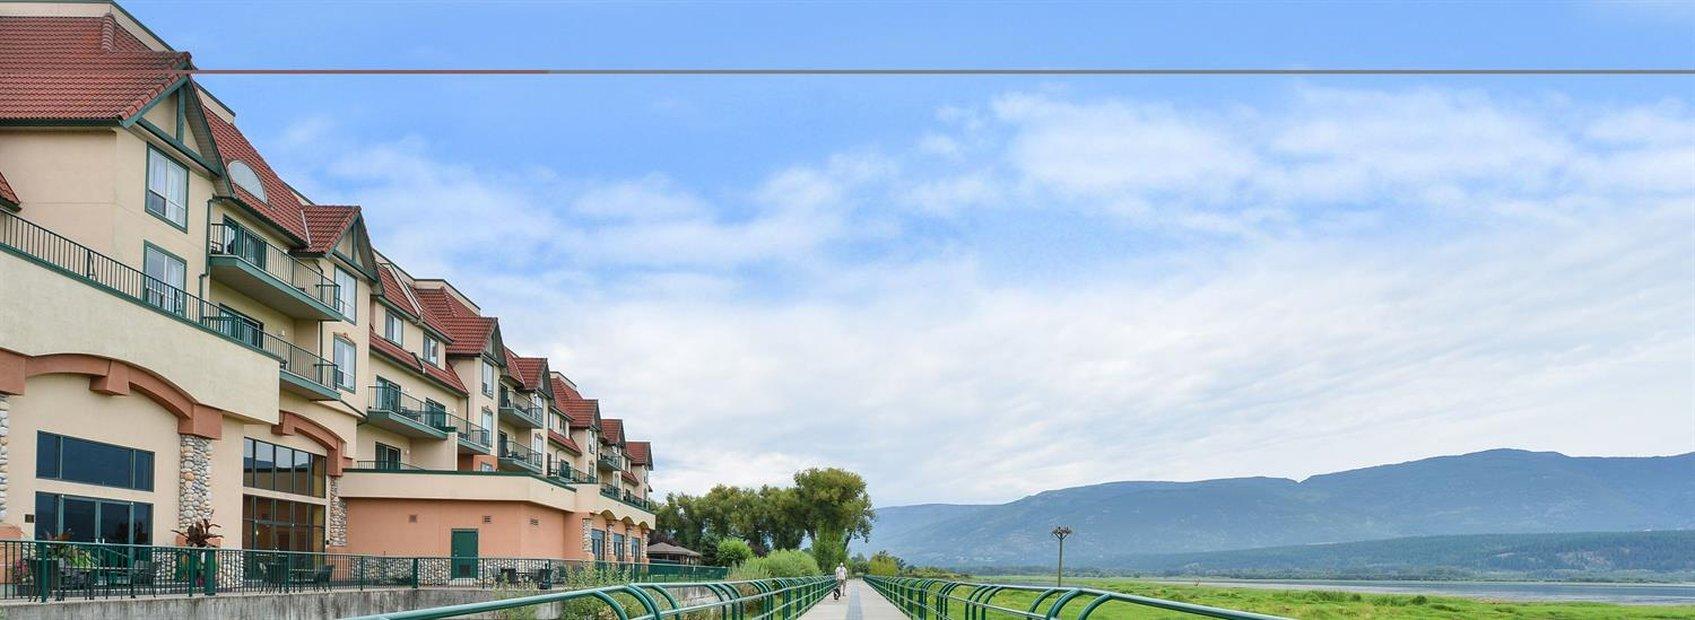 Prestige Harbourfront Resort & Conv Ctr